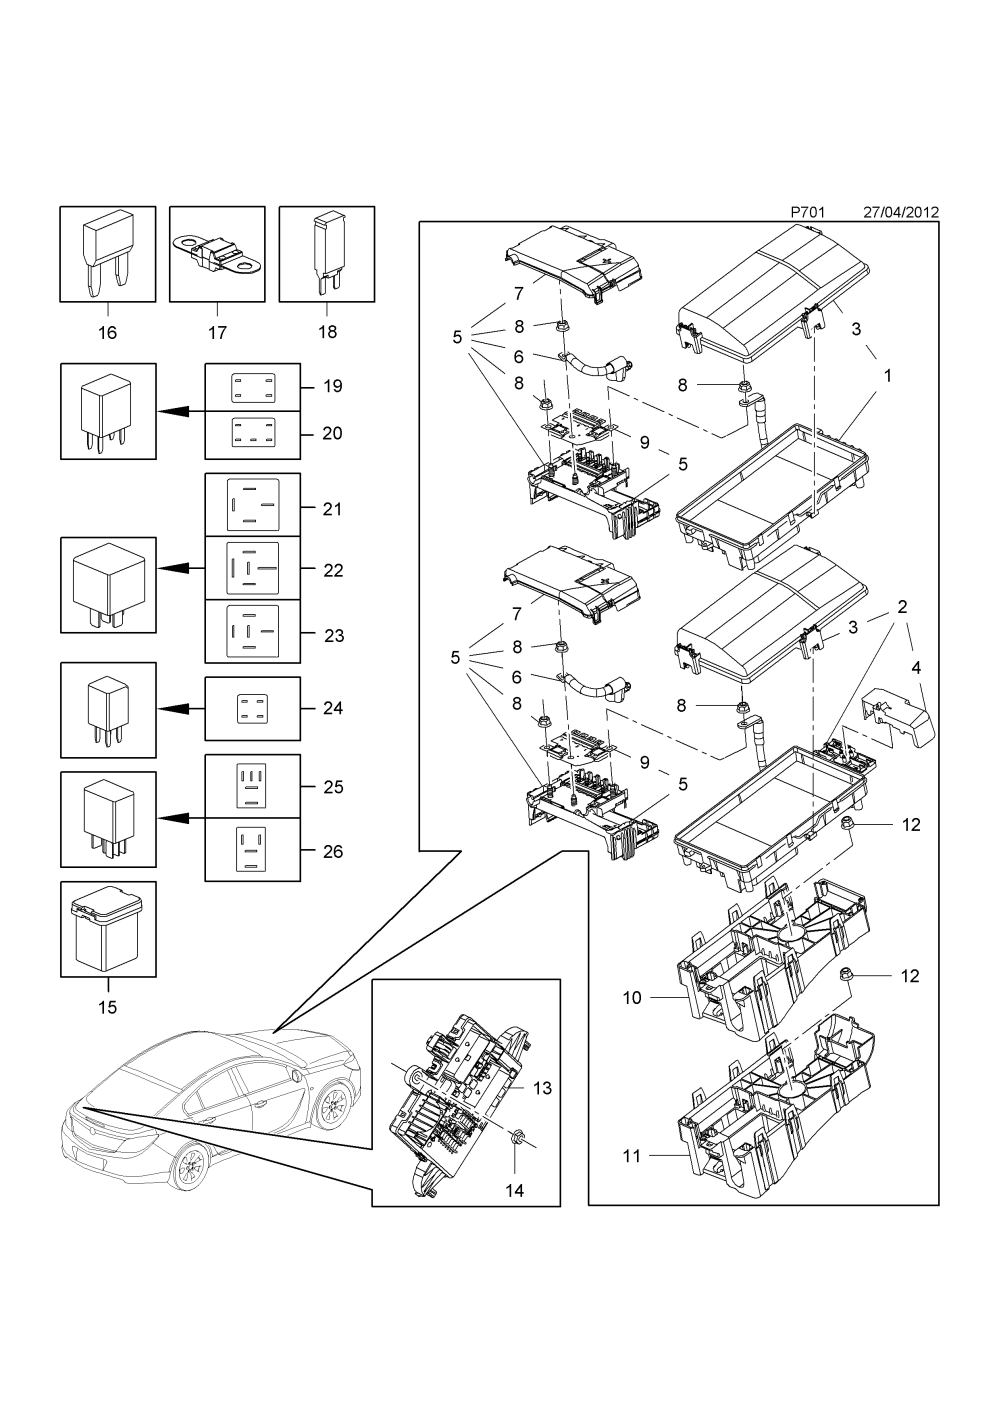 medium resolution of vauxhall insignia fuse box location data diagram schematic vauxhall insignia fuse box diagram